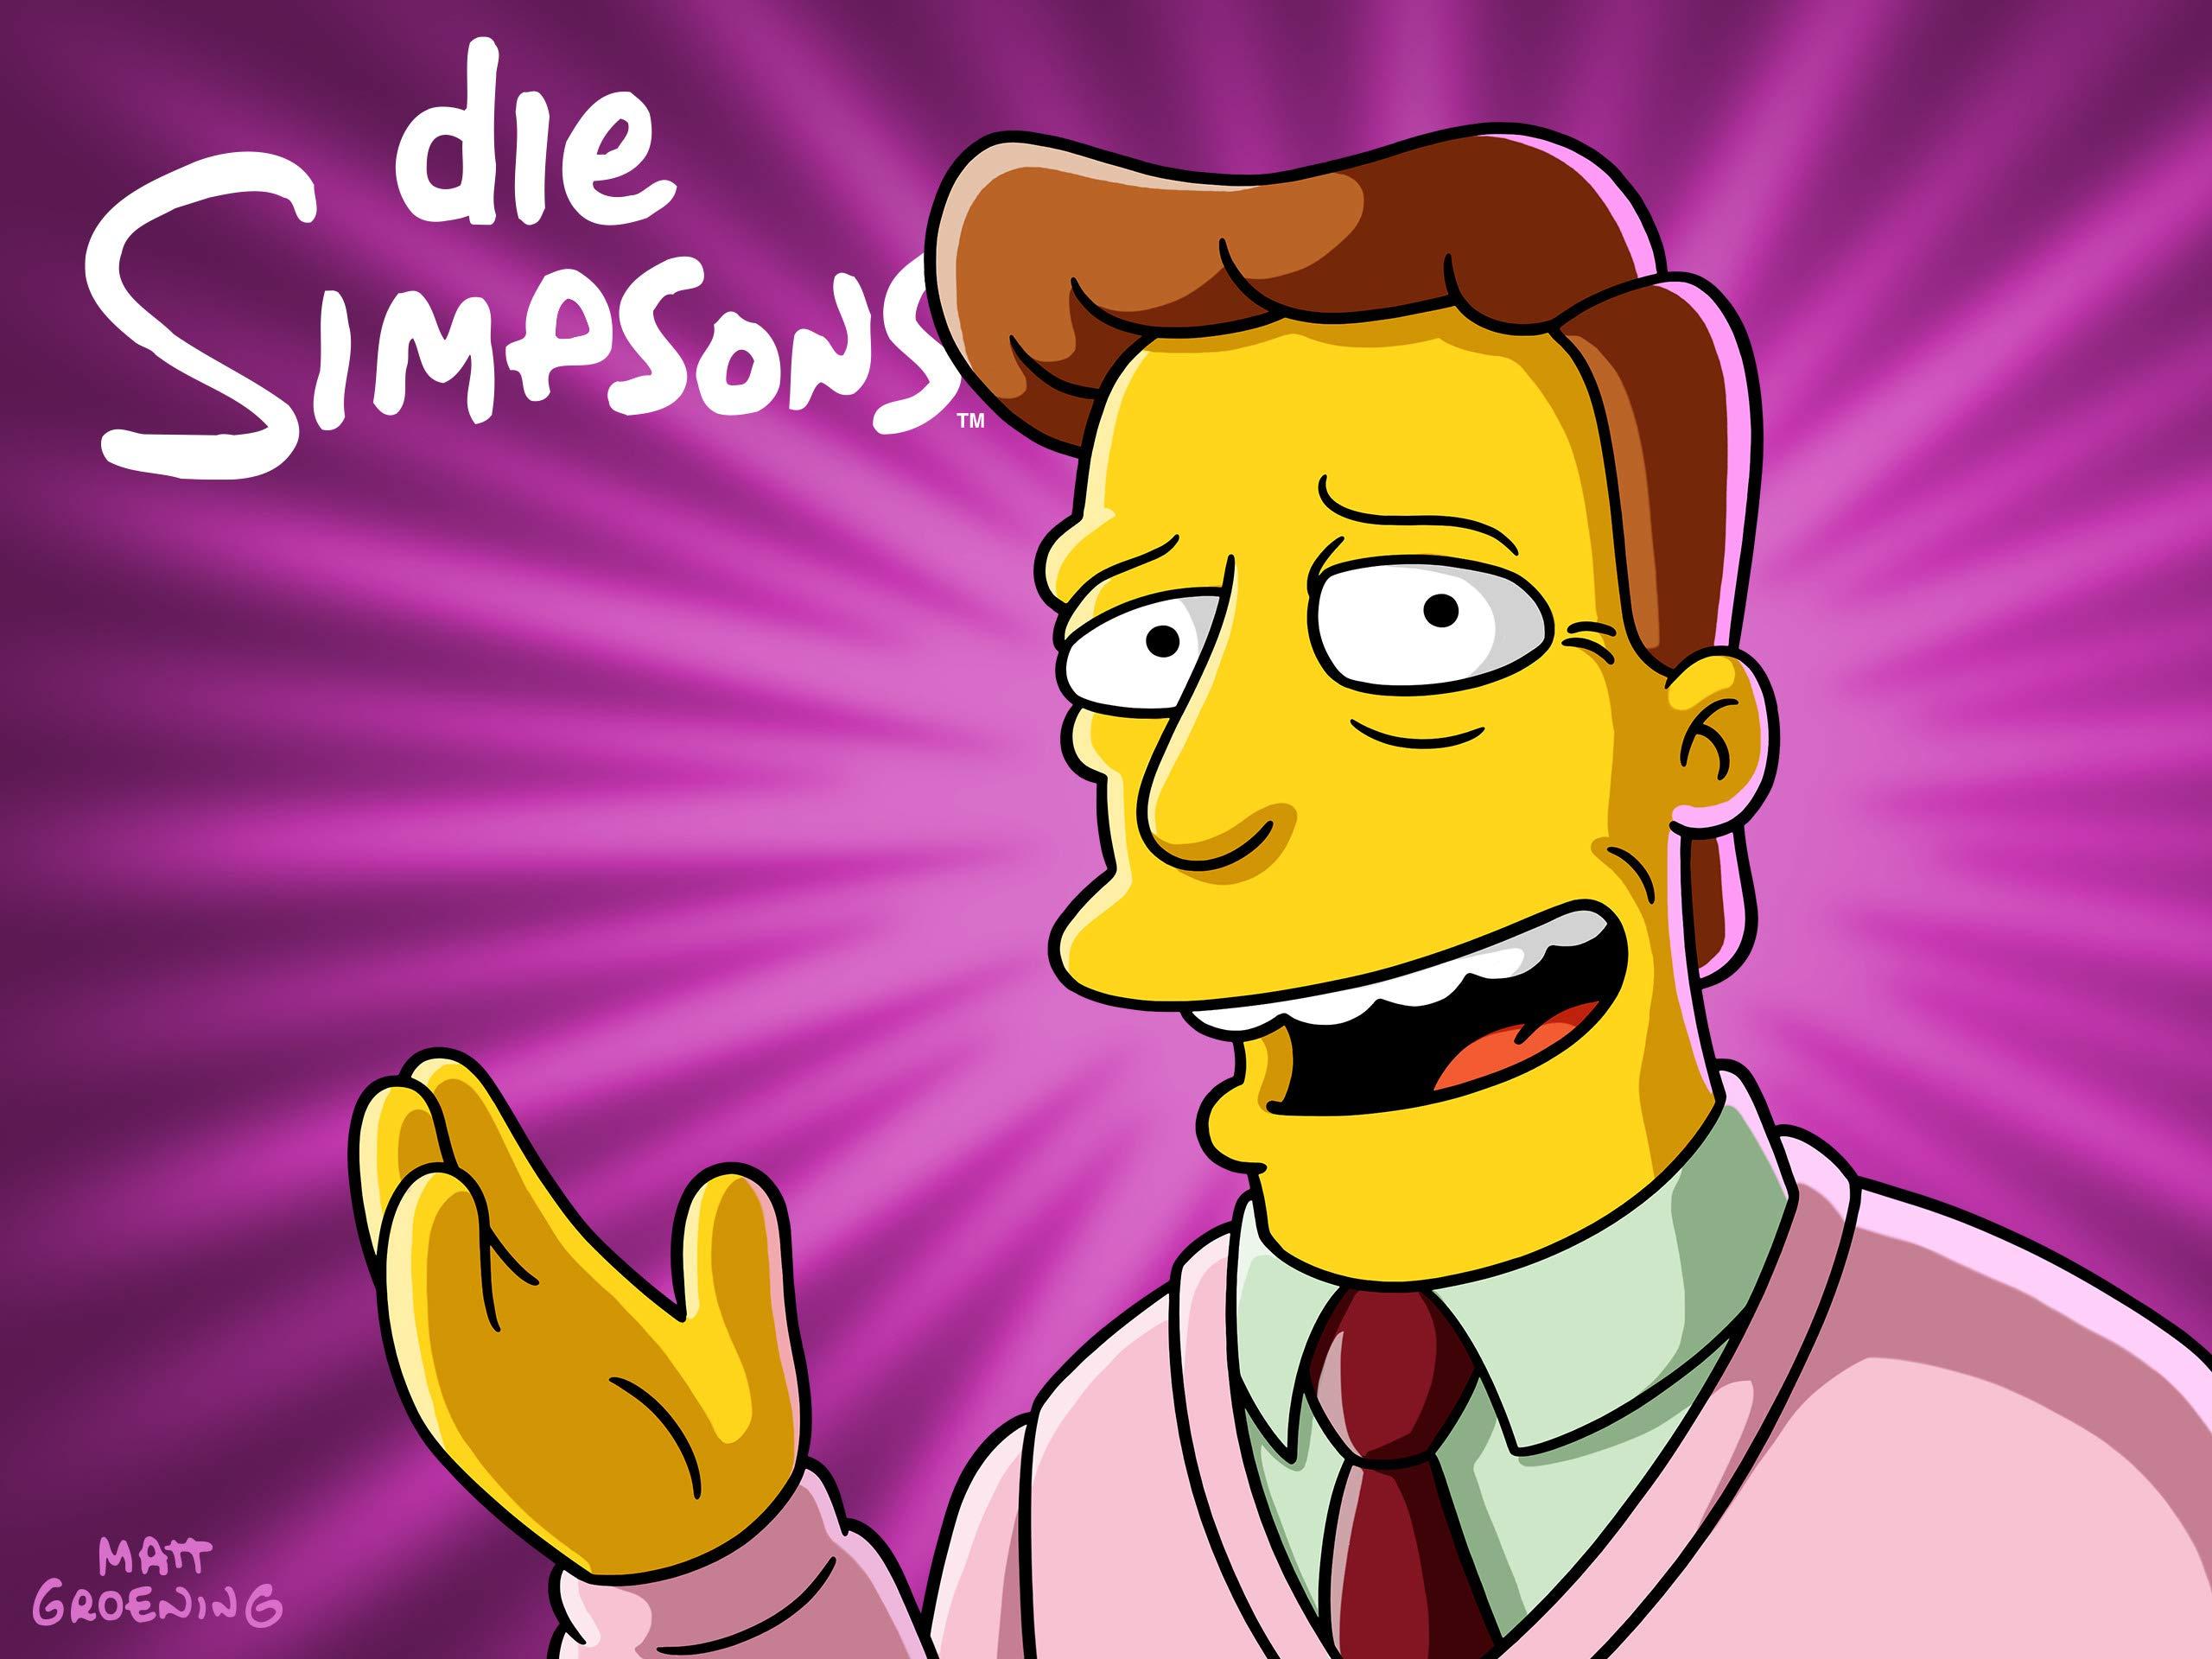 [Amazon] Die Simpsons - Staffel 30 - Nur Digital erhältlich